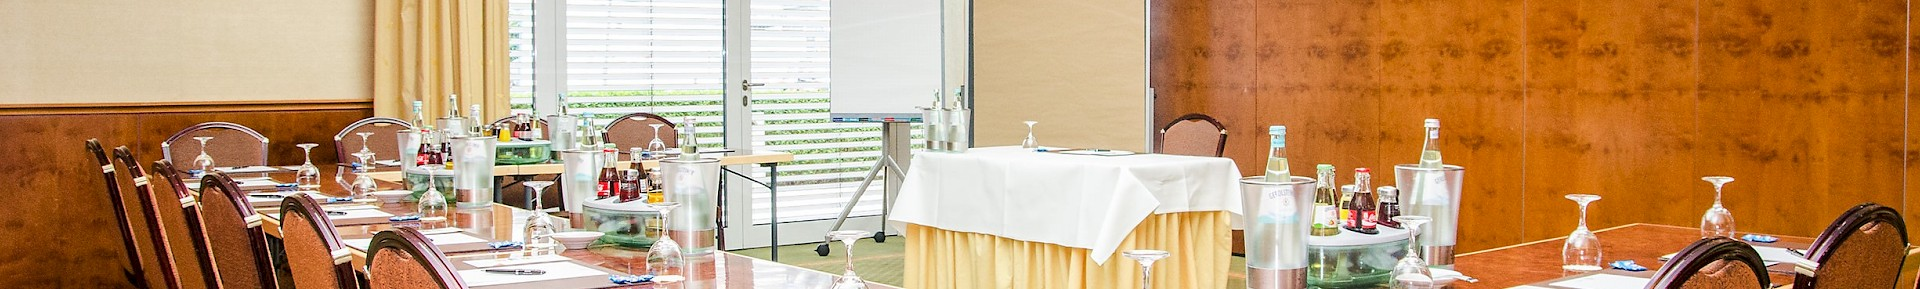 Der Veranstaltungsraum Kaiser Wilhelm gehört zum Kaisersaal und eignet sich für Tagungen und Feierlichkeiten